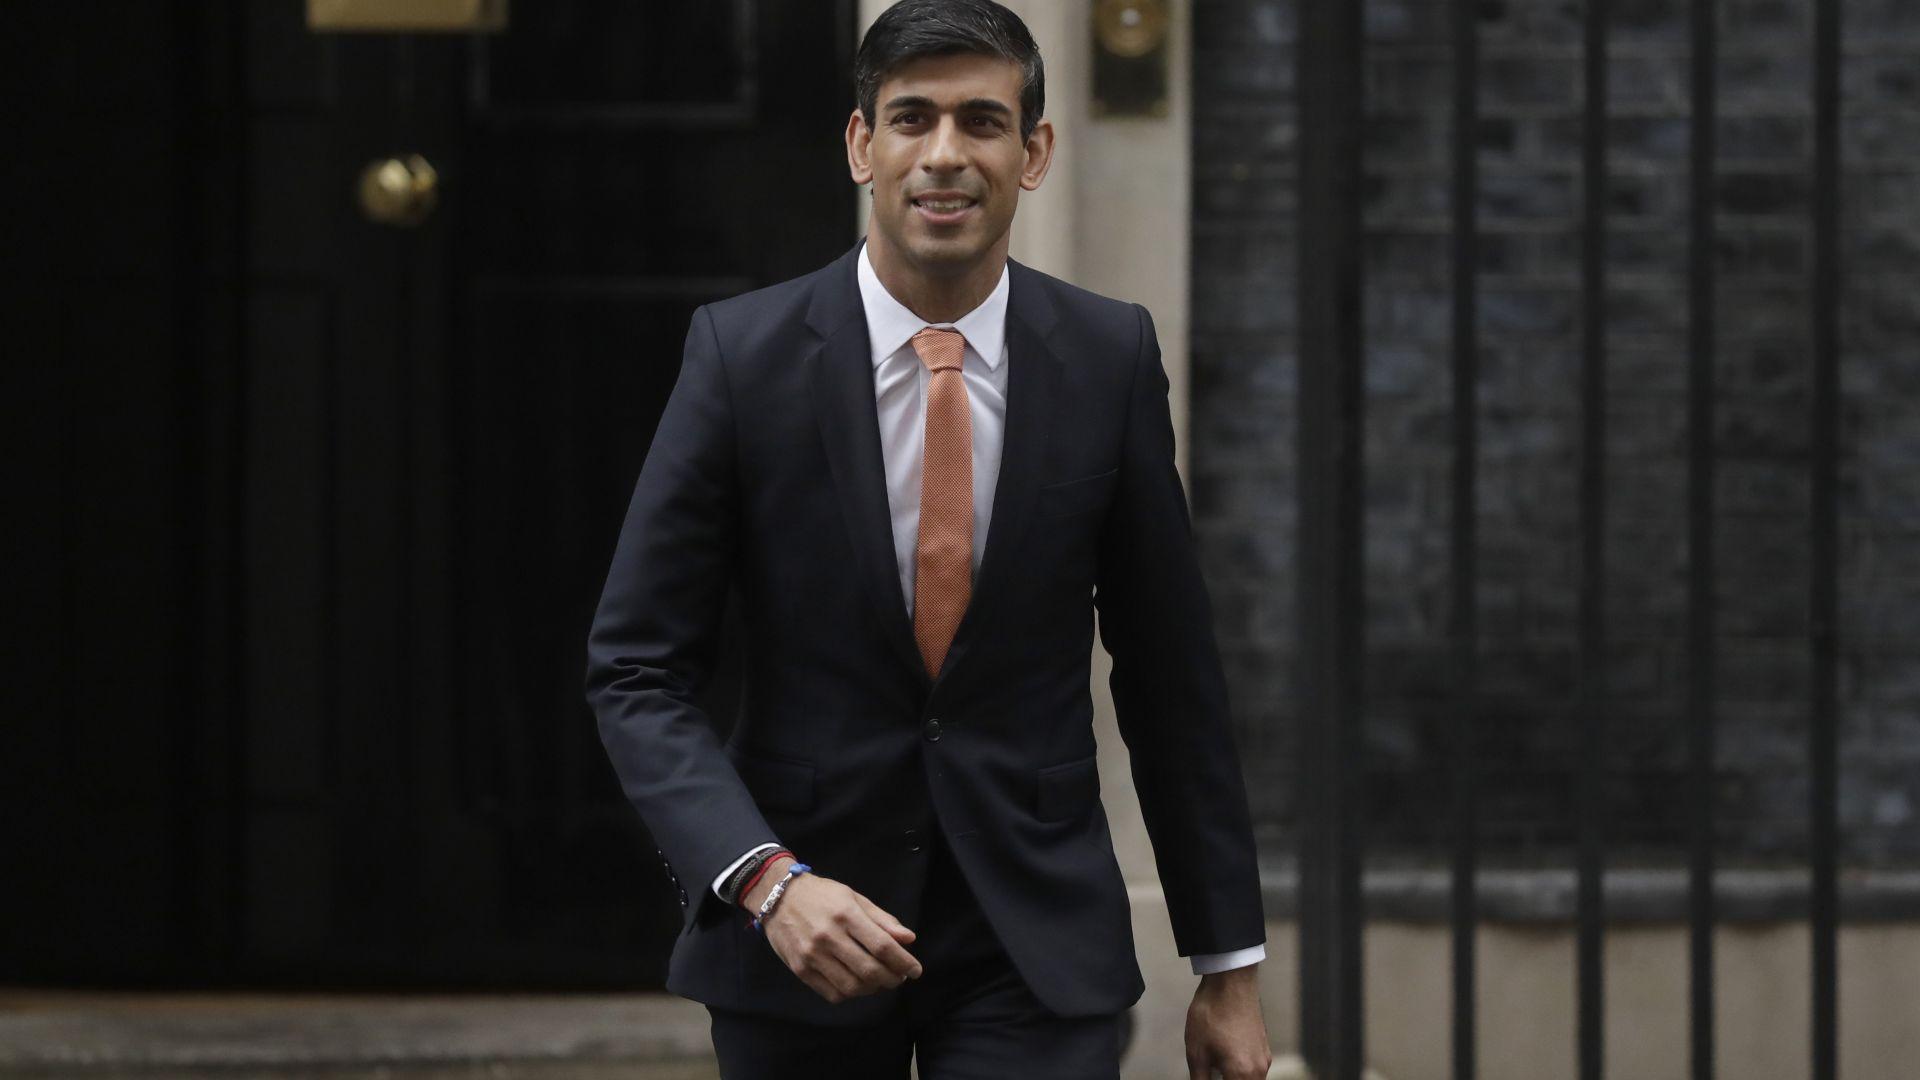 Борис Джонсън назначи лоялен подръжник от индийски произход за министър на икономиката